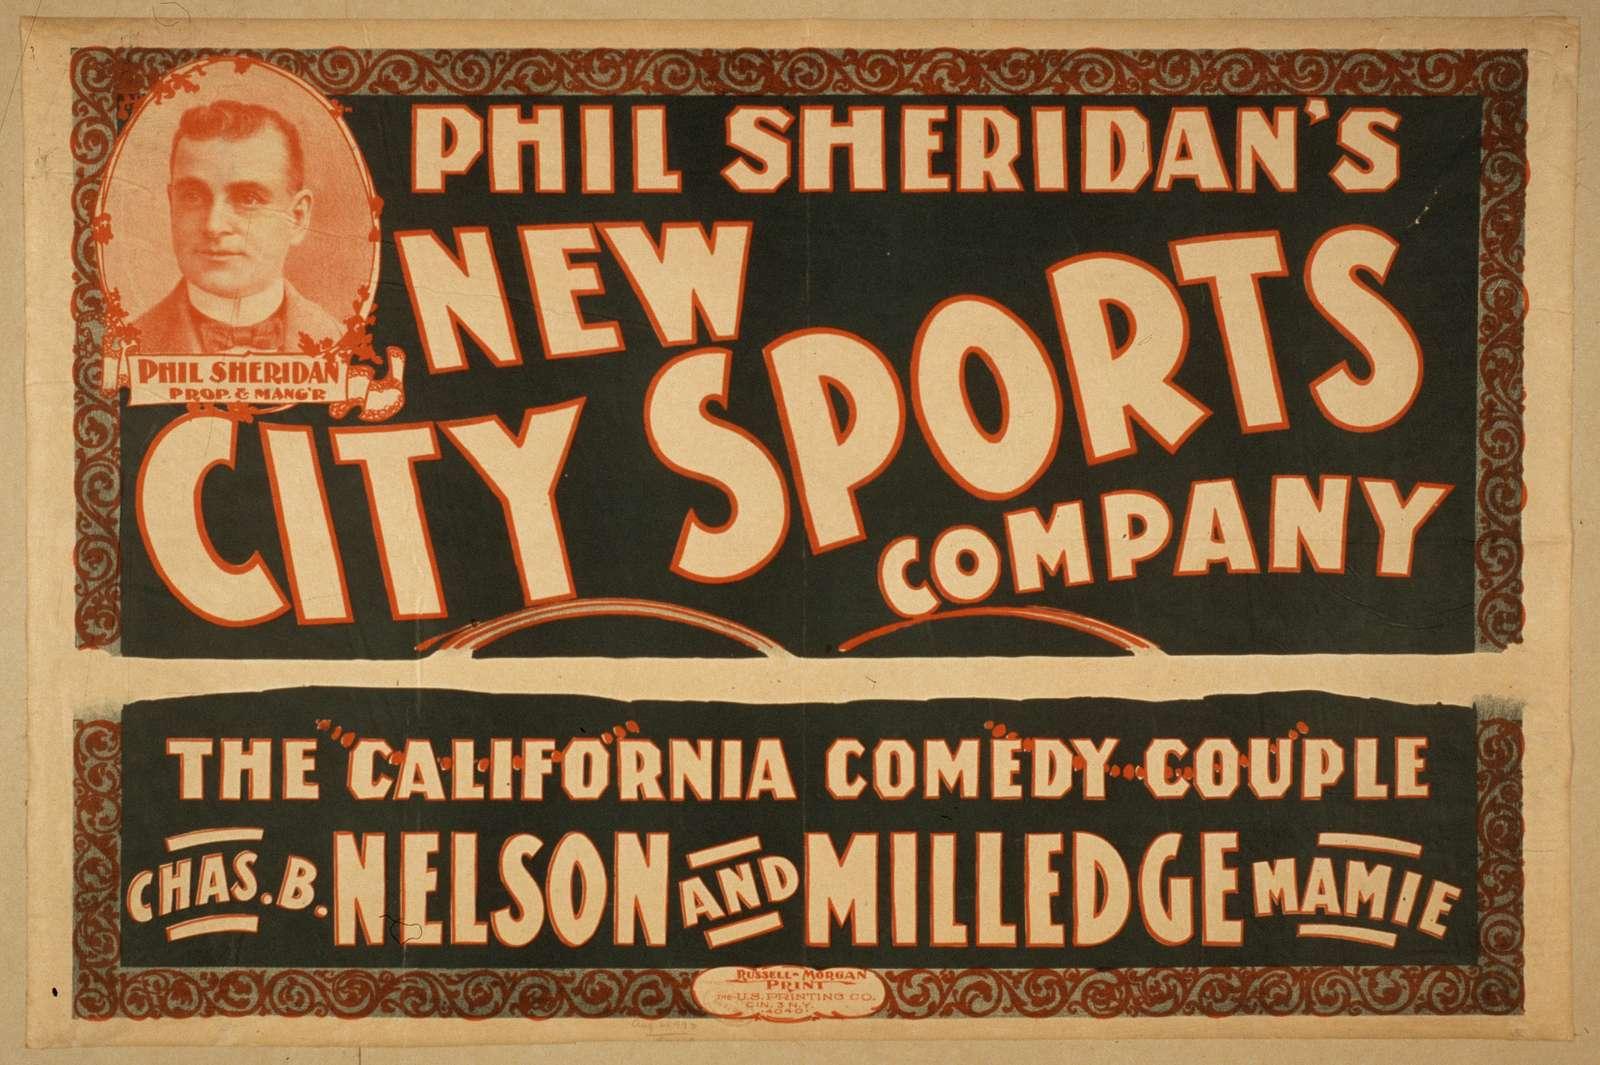 Phil Sheridan's New City Sports Company